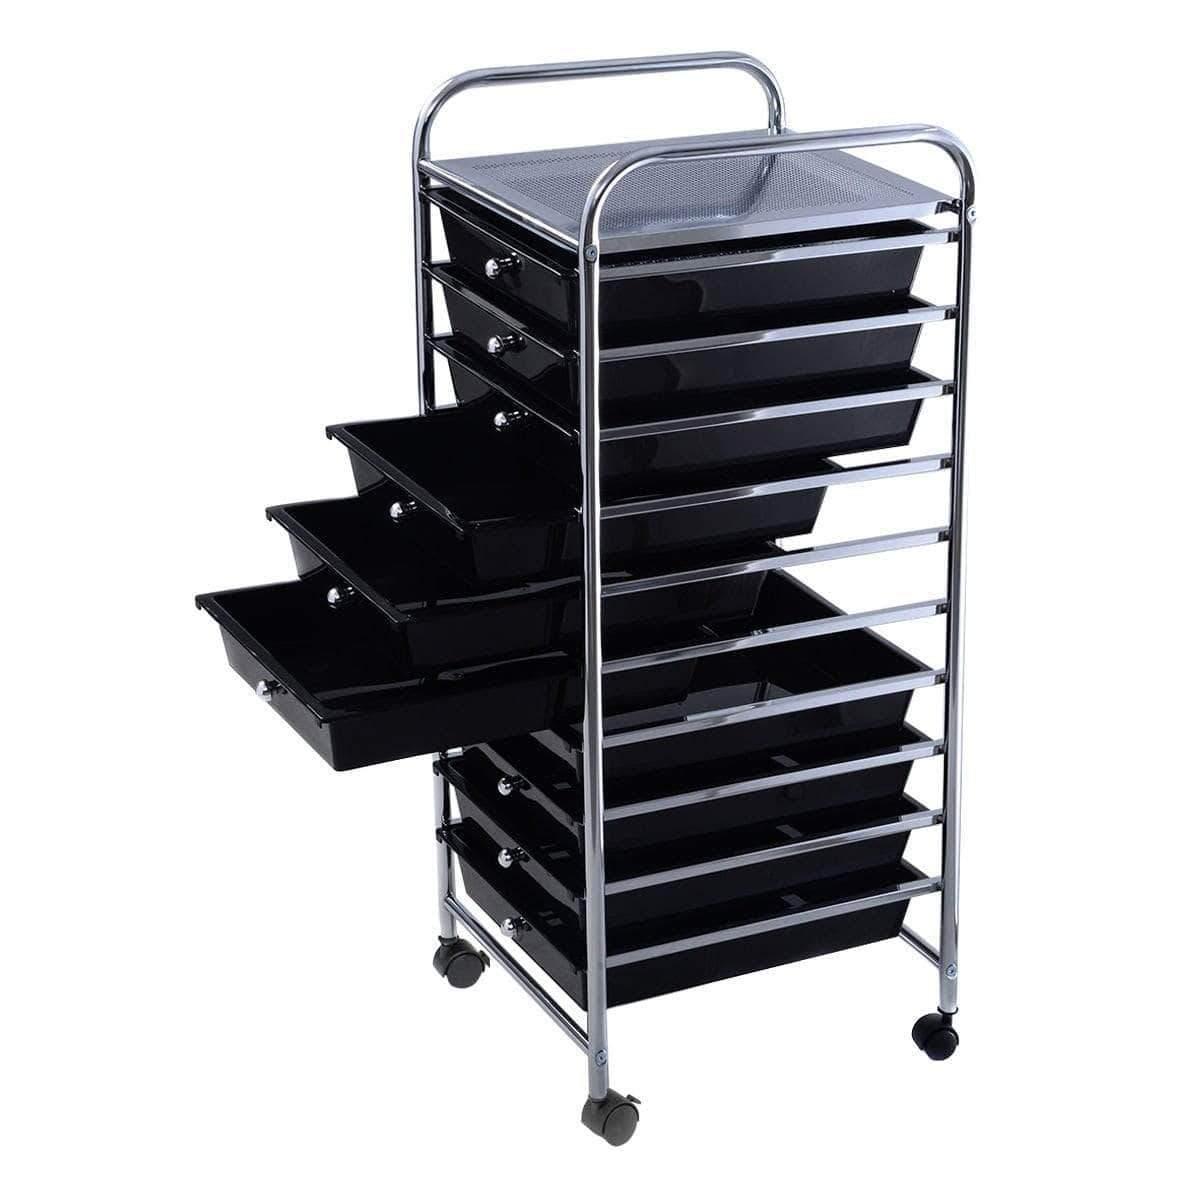 Drawer Rolling Storage Cart Organizer